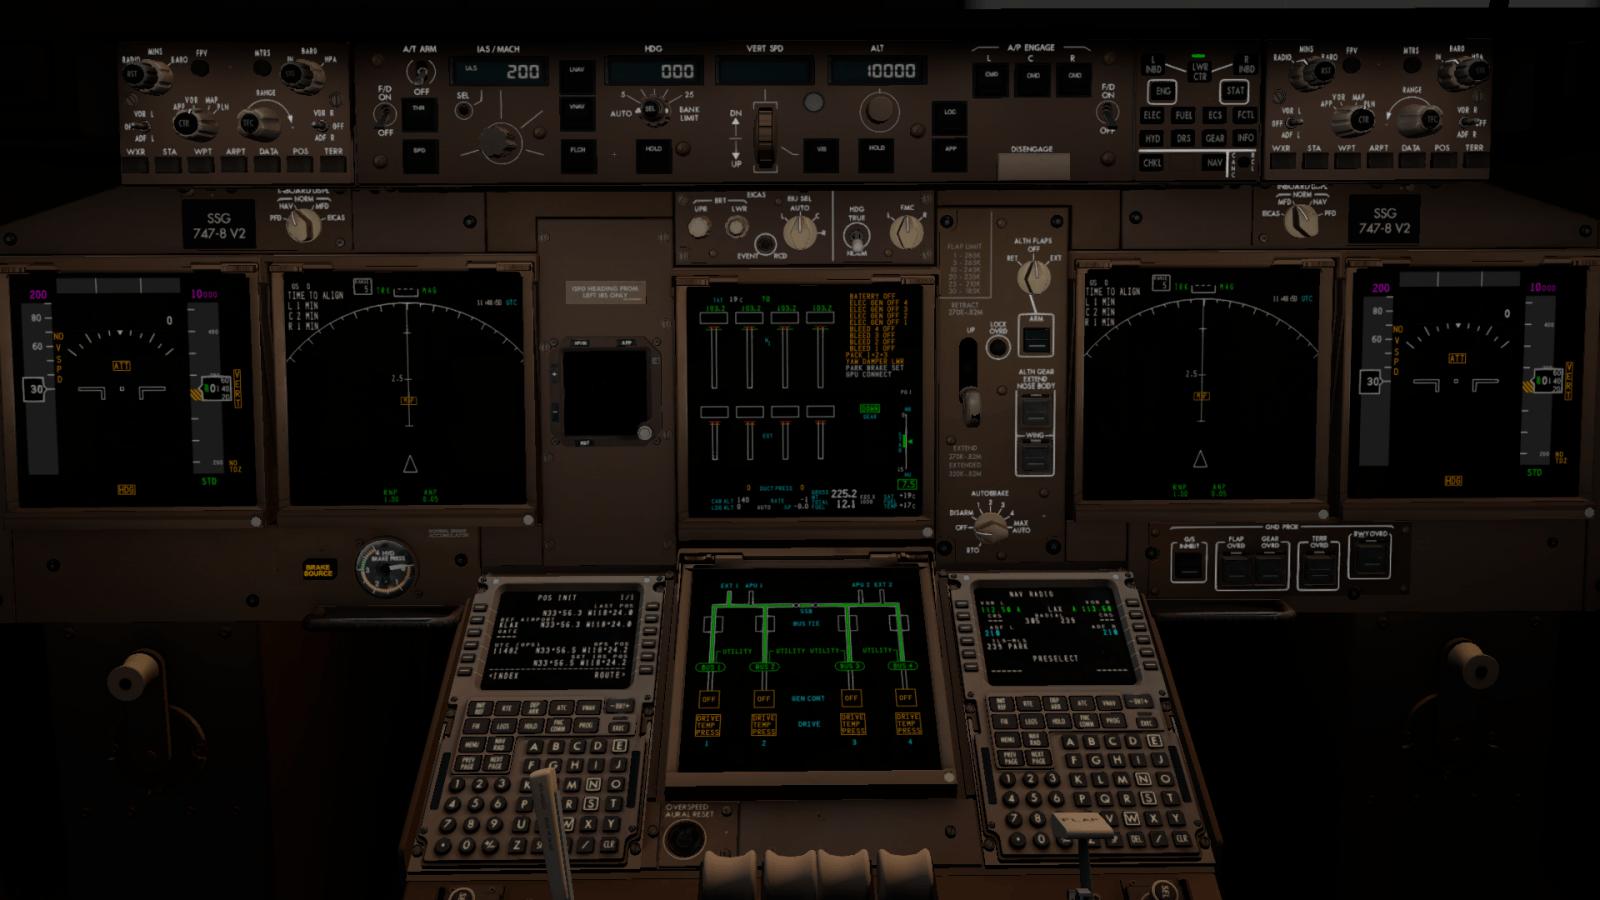 ssg-747-8-night-lighting-prevews-3.png